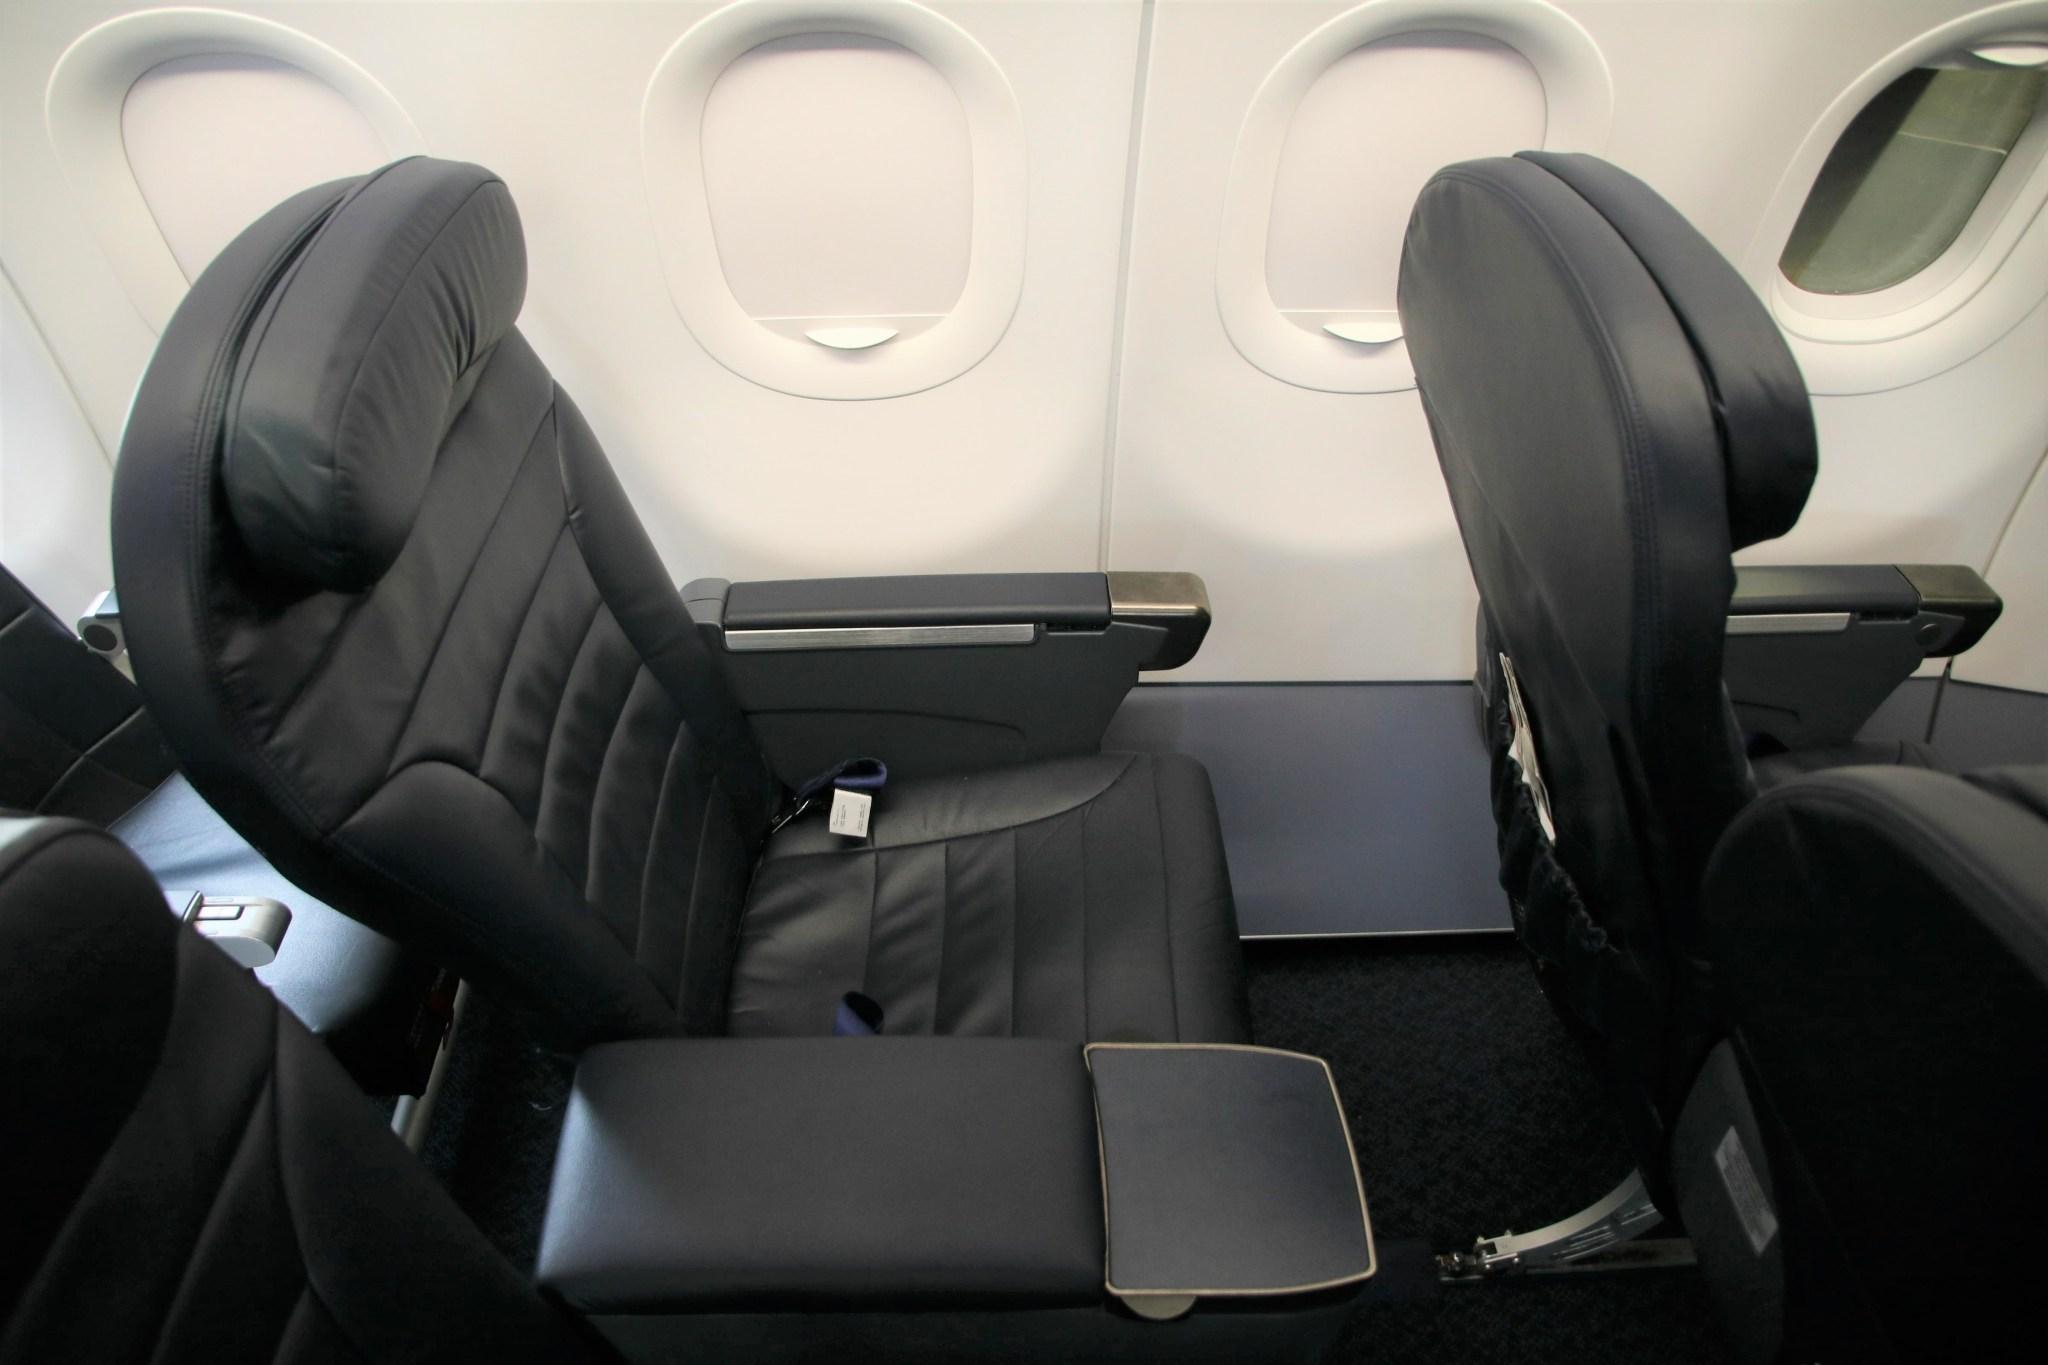 Spirit Airlines Airbus A321 200 Premium Eco Big Front Seats Photos